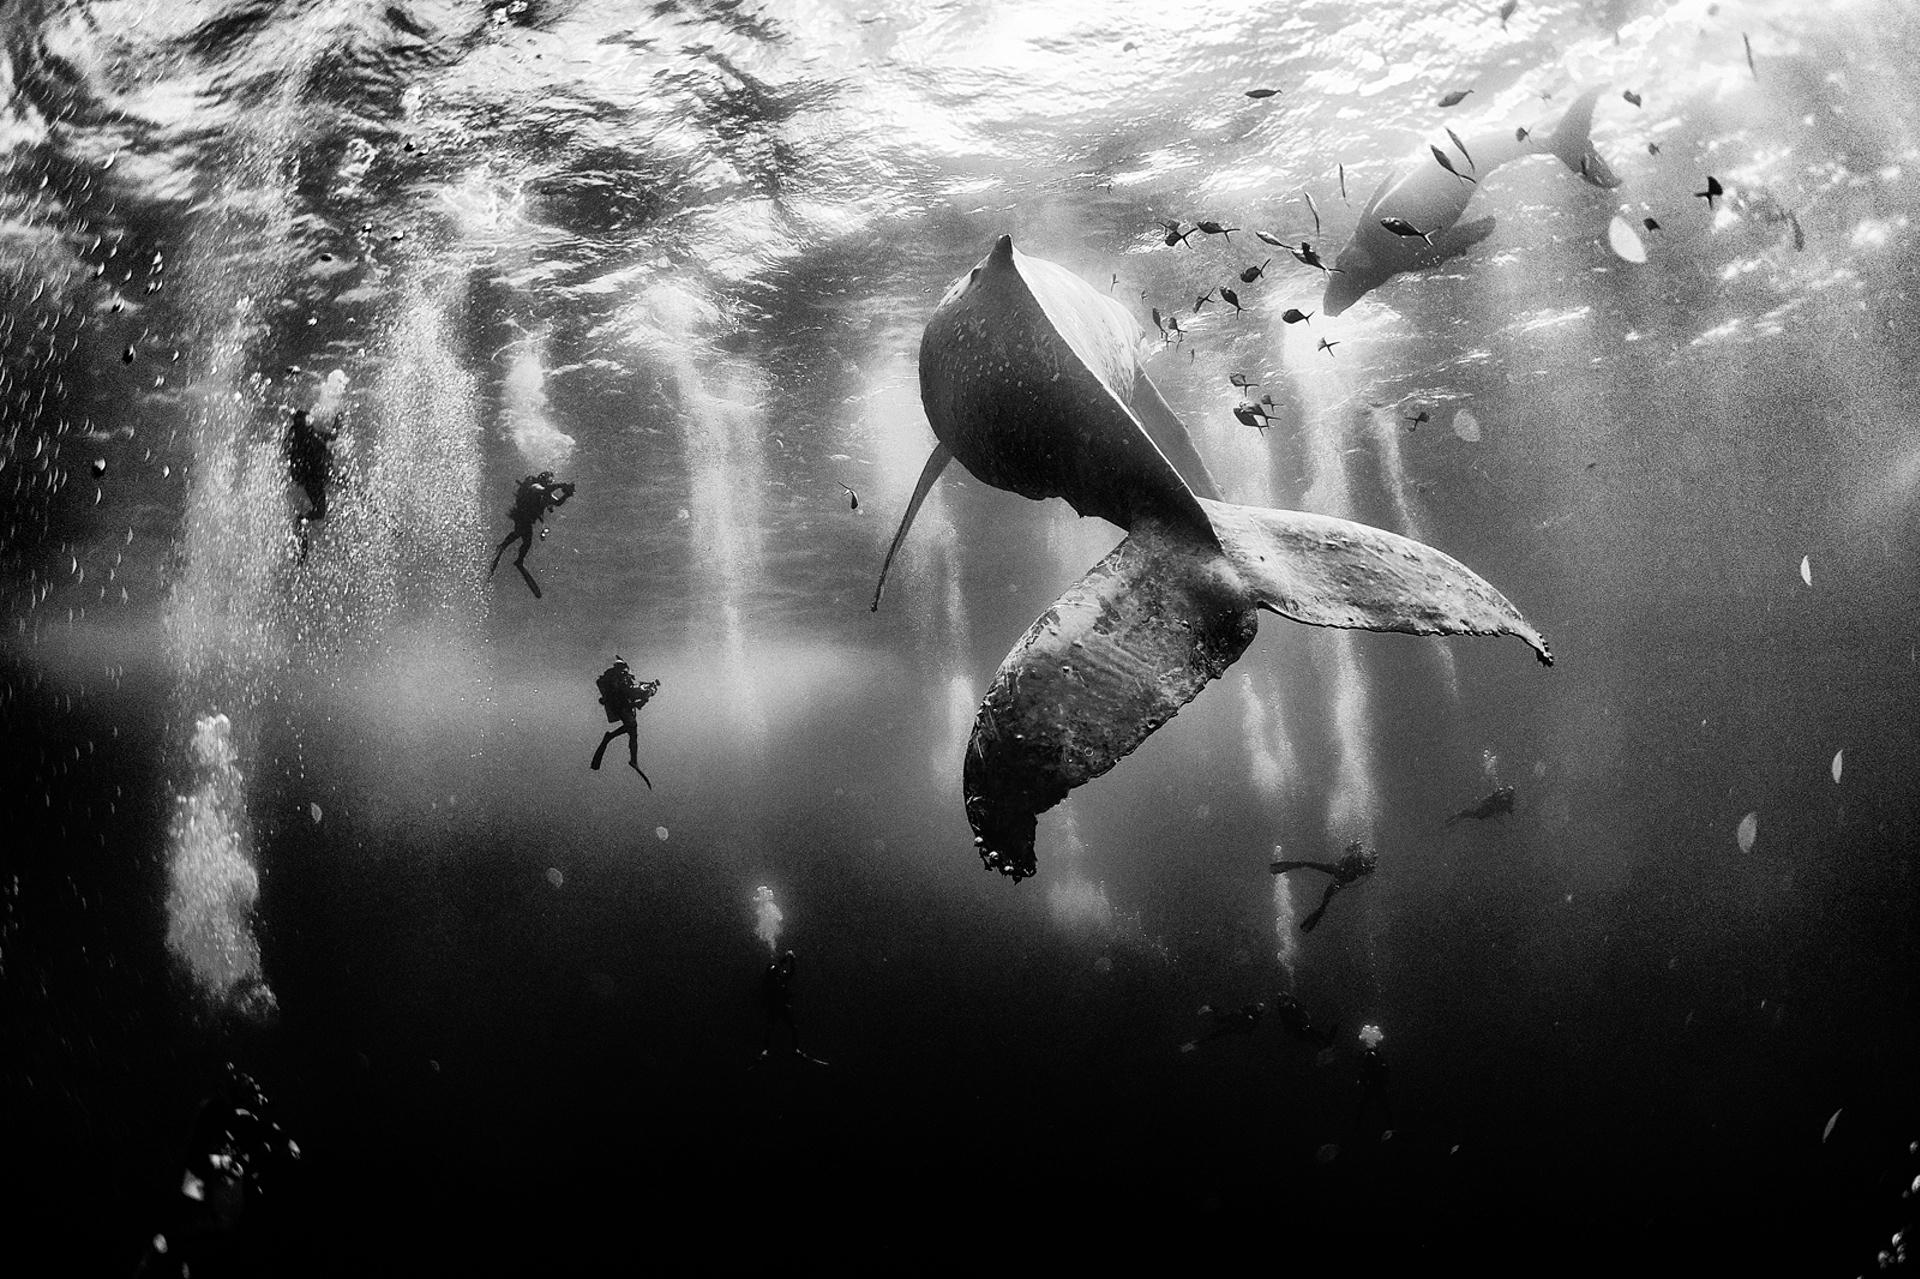 """1° LUGAR: """"Encantadores de baleias, próximo à Ilha de Roca Partida, em Revillagigedo, no México"""", por Anuar Patjane"""